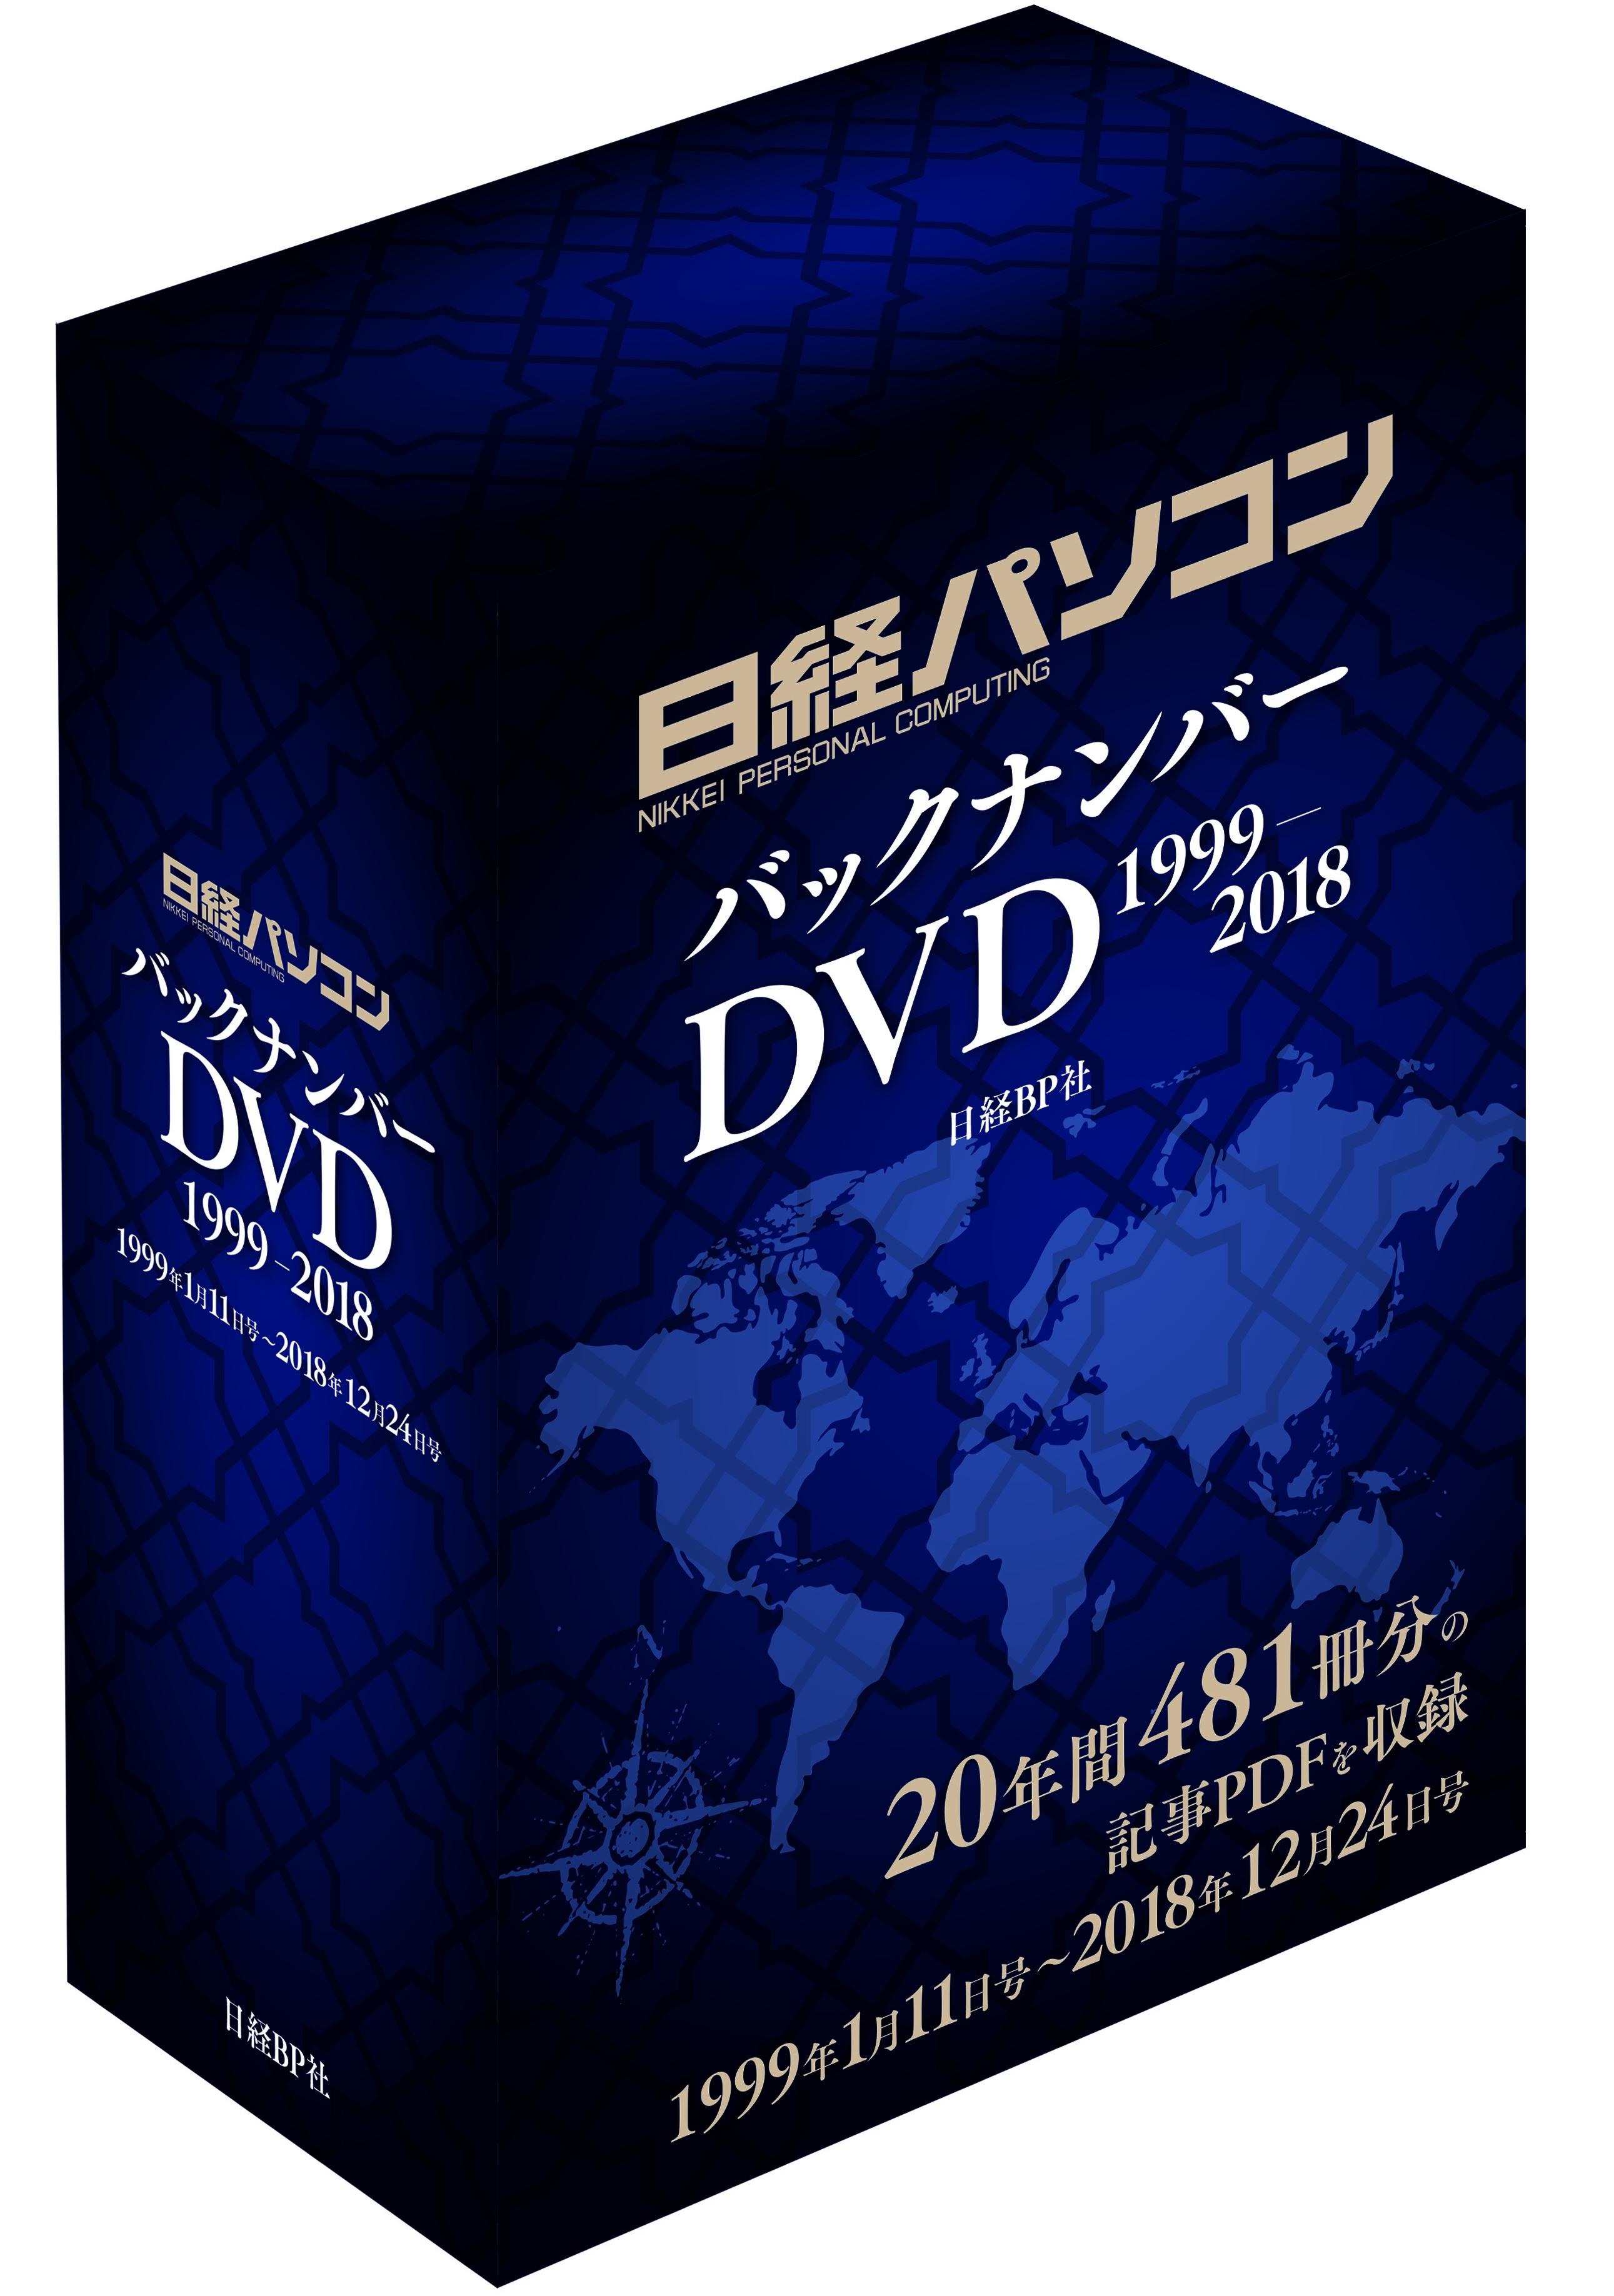 日経パソコン日経パソコン バックナンバーDVD 1999-2018